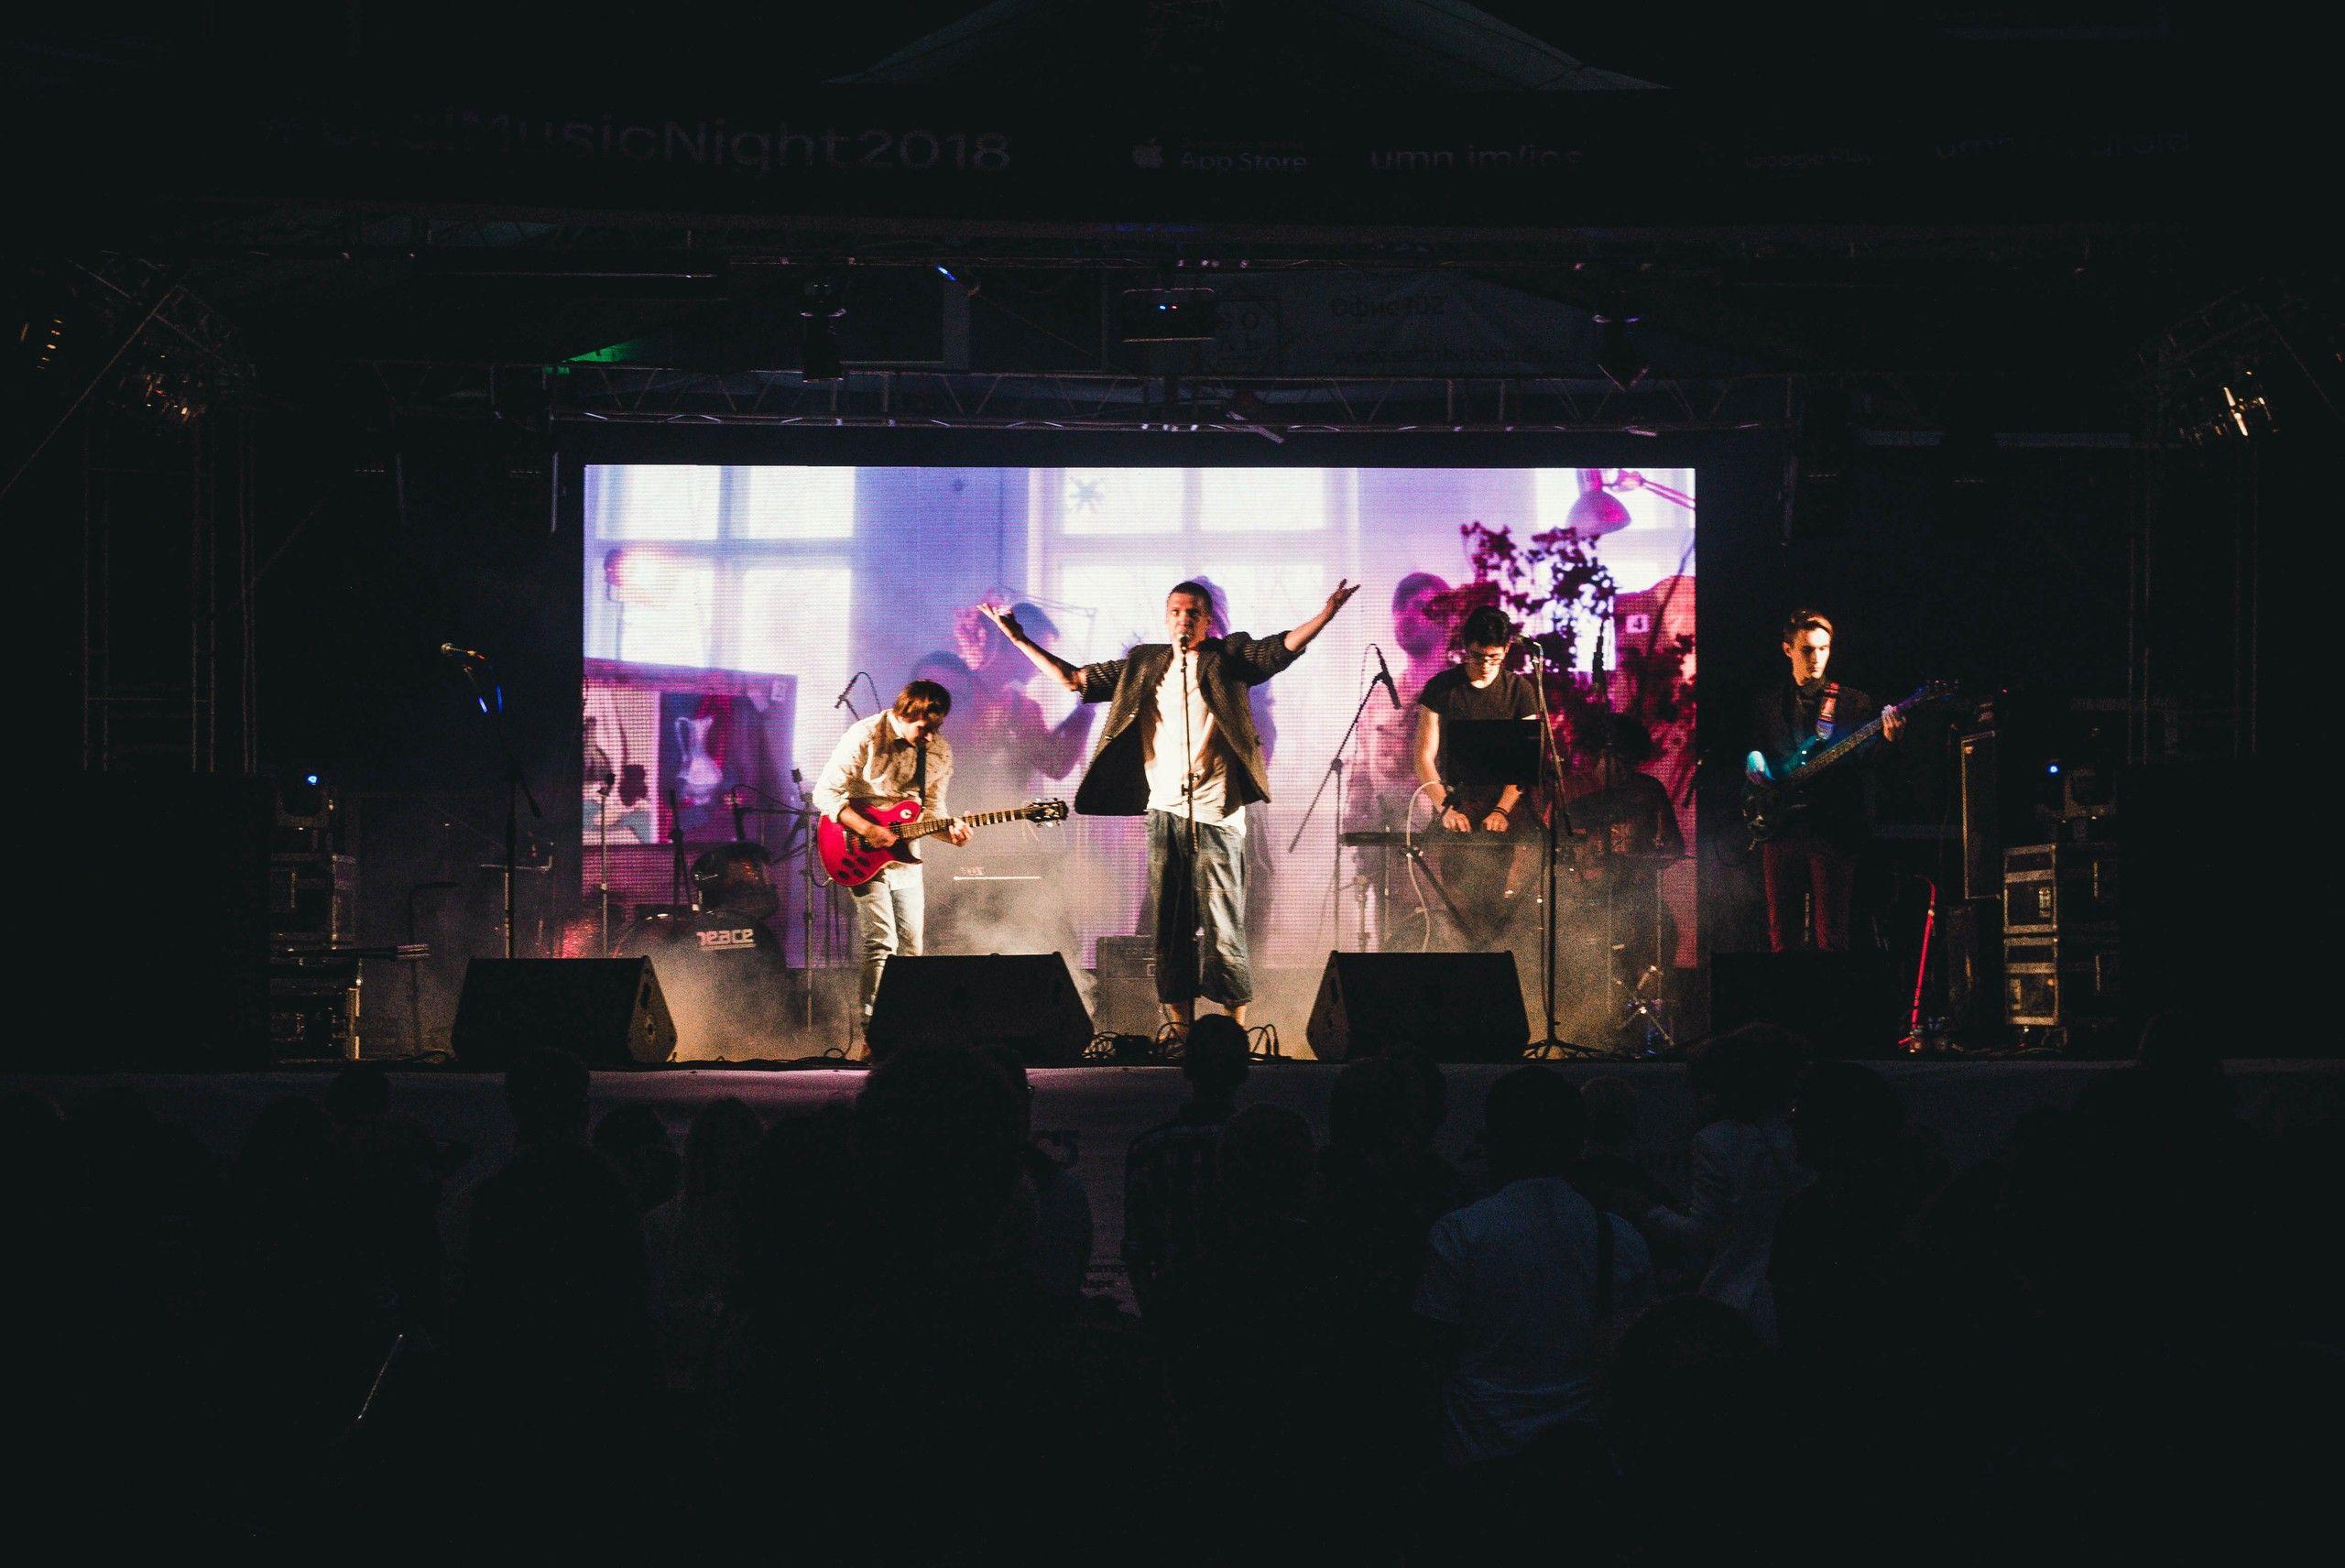 Выступление группы «Авангард Леонтьев» на Ural Music Night 2018